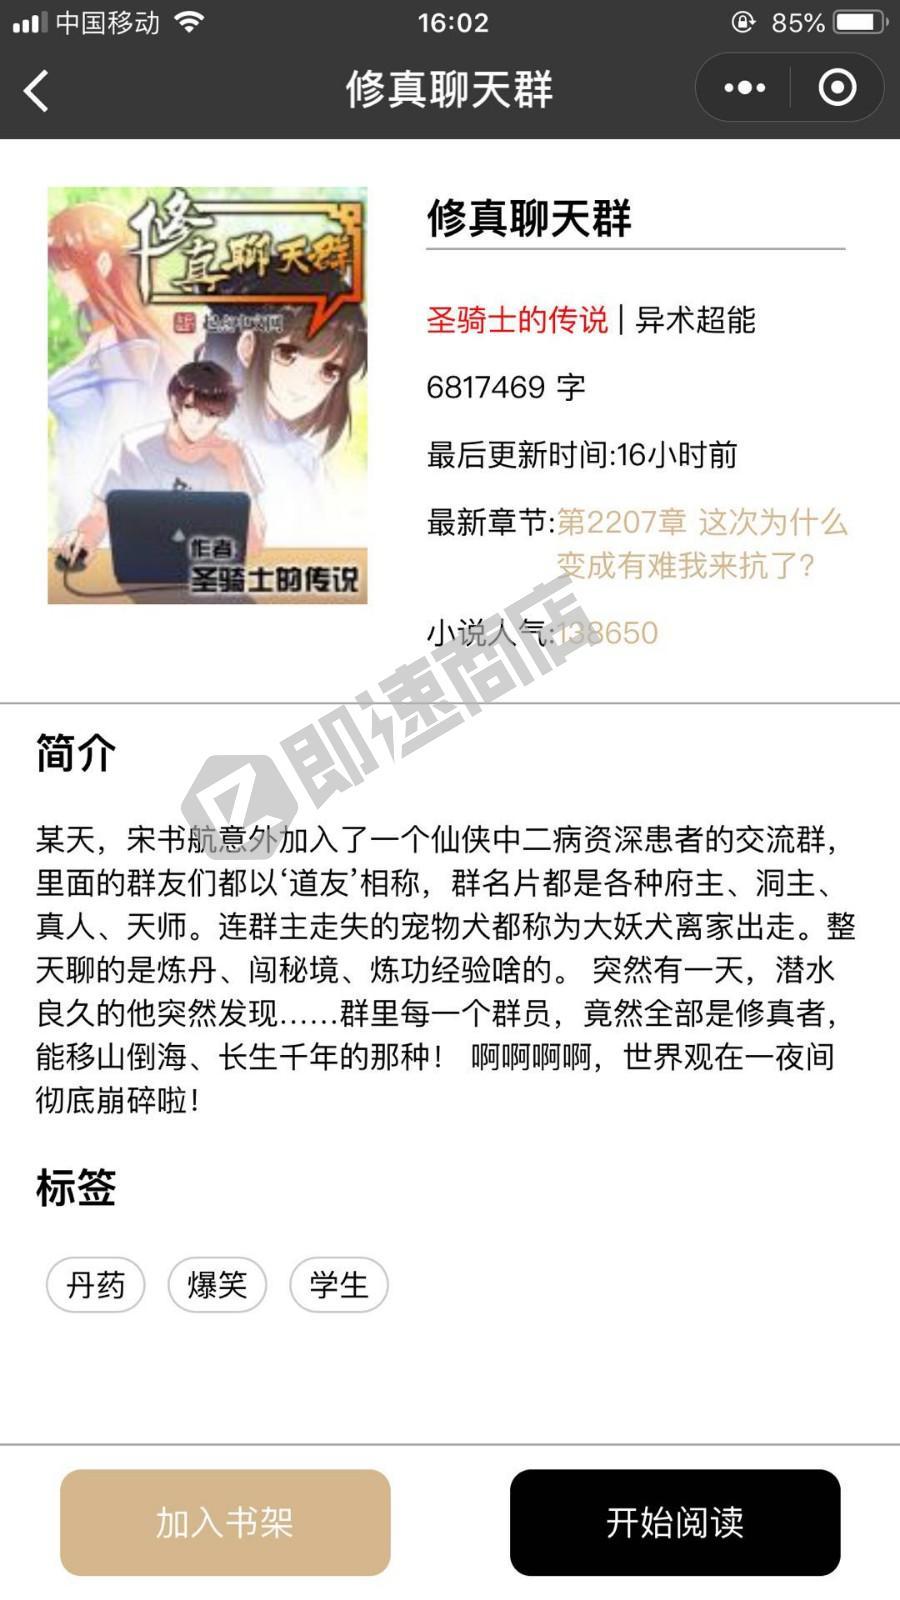 丁冬小说小程序详情页截图